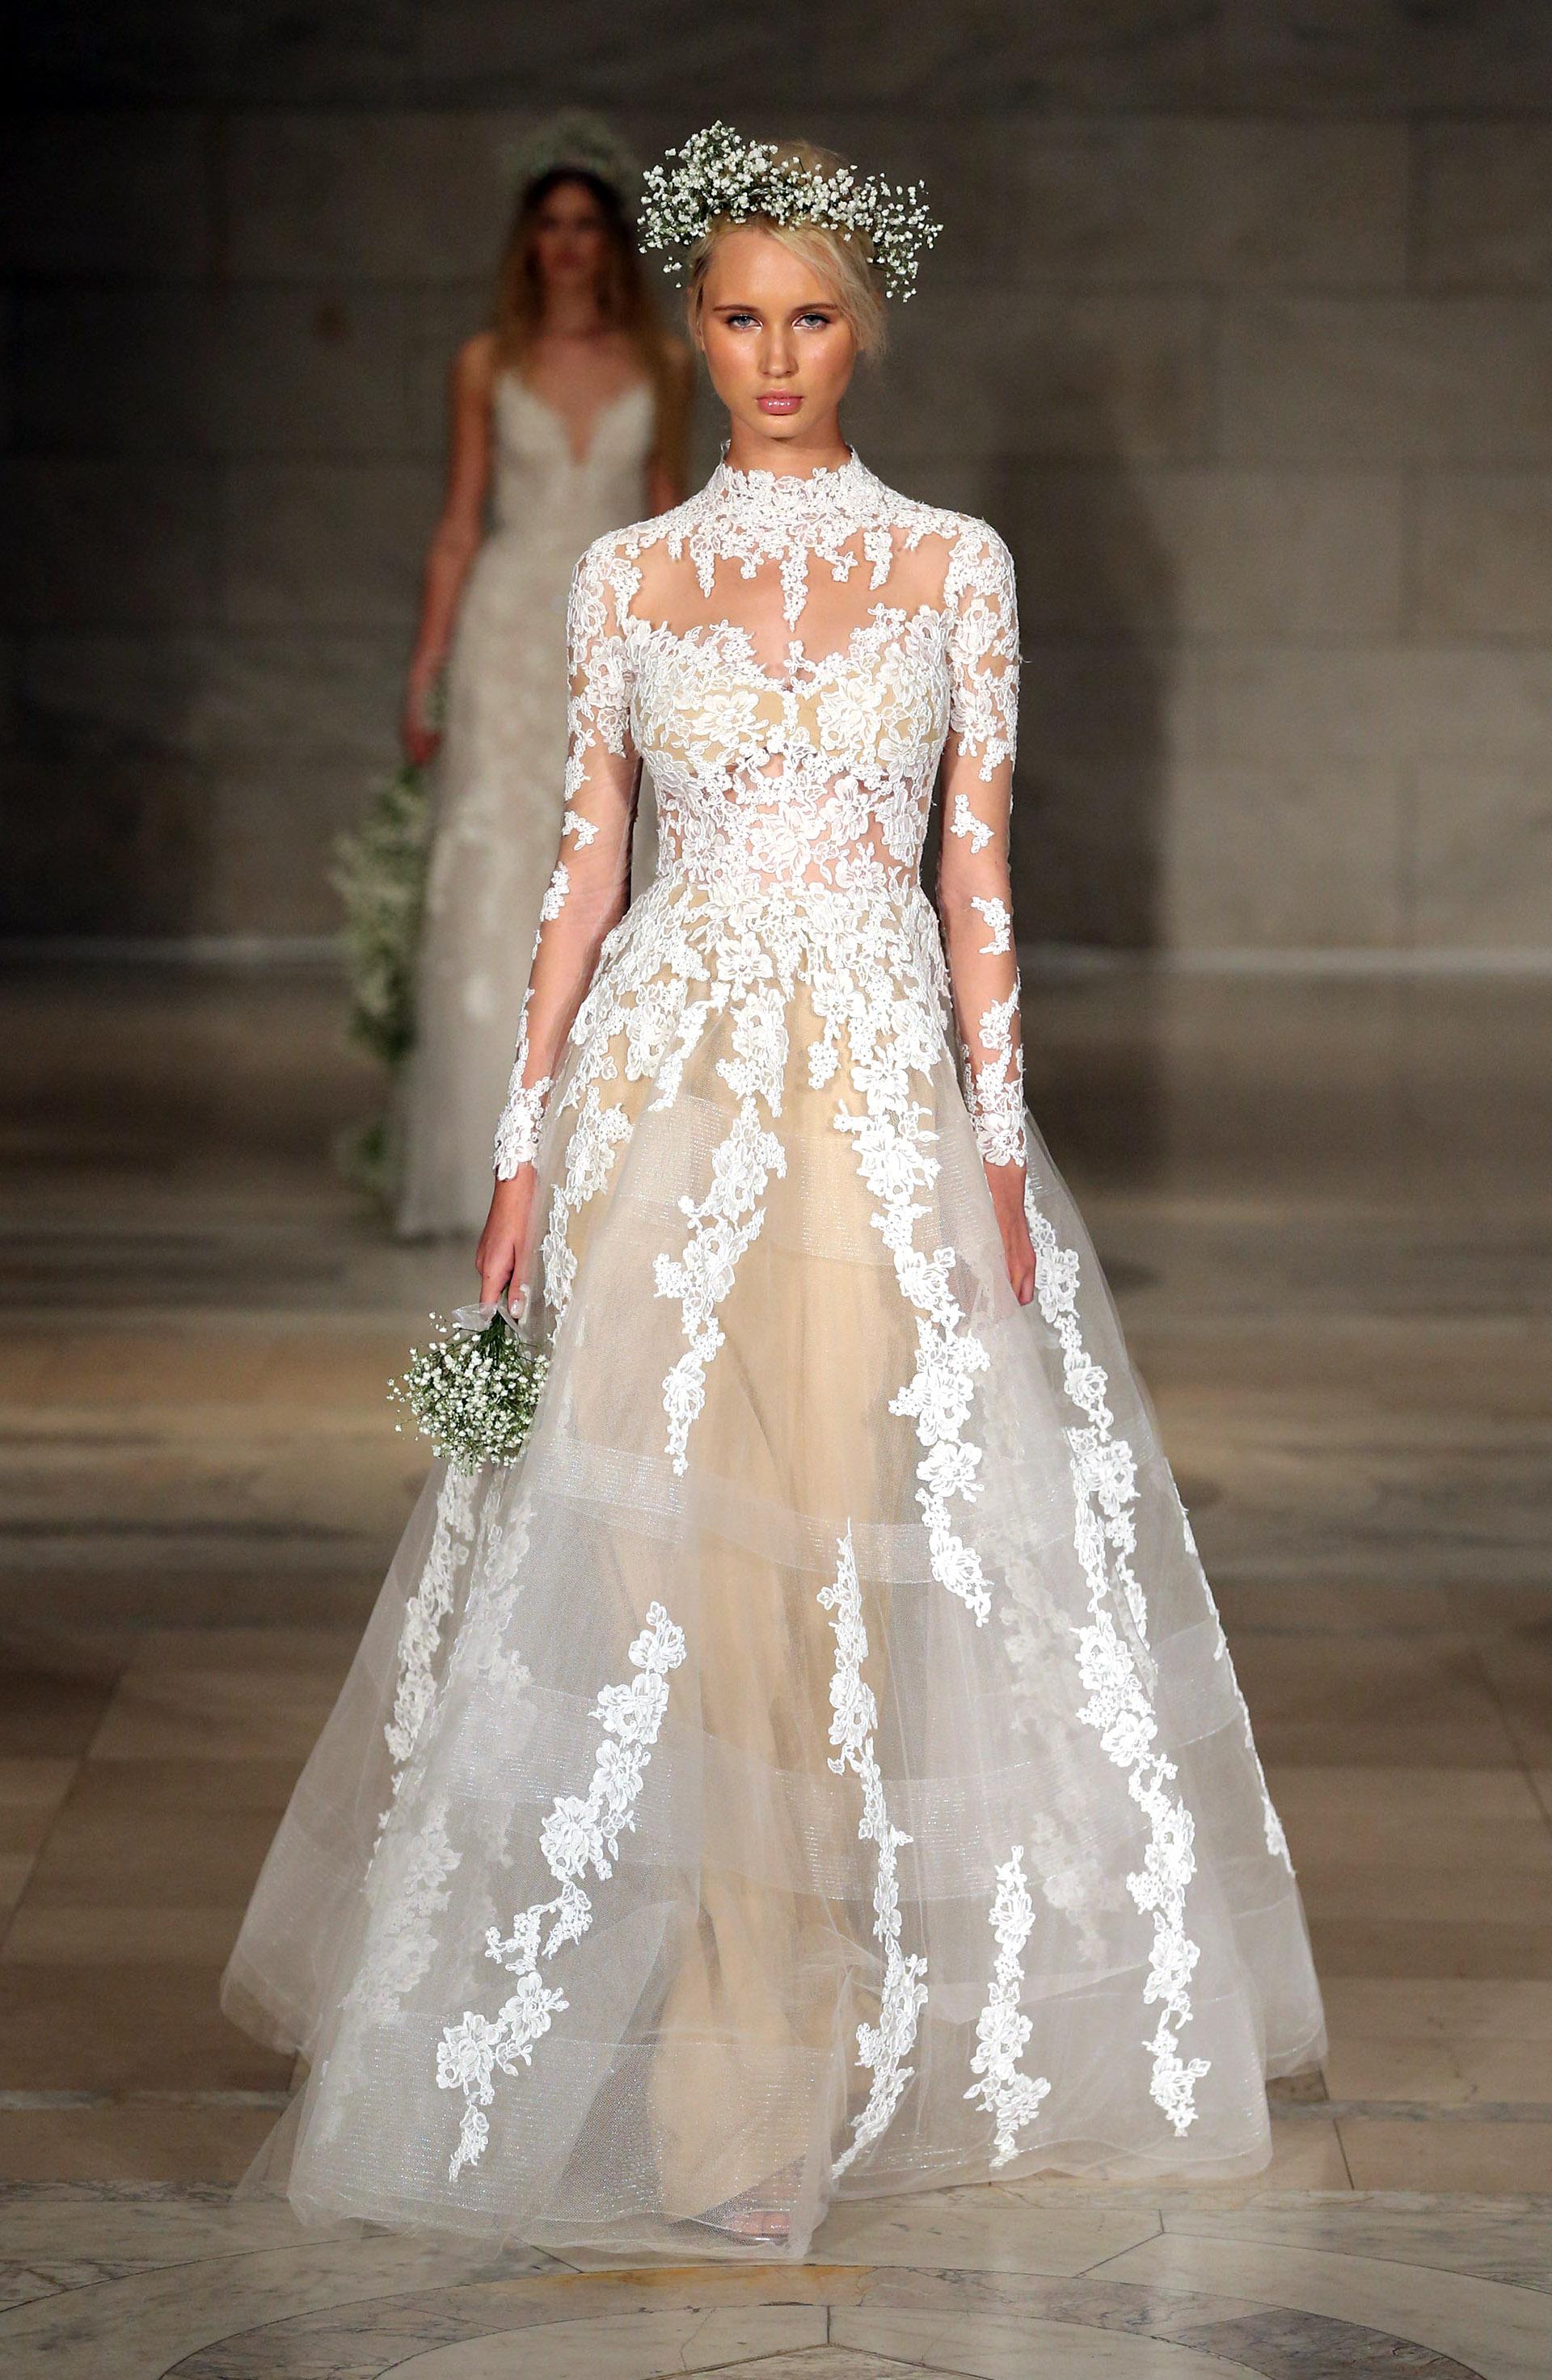 Se llevó a cabo una nueva edición del Bridal Fashion Week en Nueva York. Los exponentes nupciales más importantes presentaron sus creaciones que serán tendencia en el 2018 (Photo by JP Yim/Getty Images for Reem Acra)